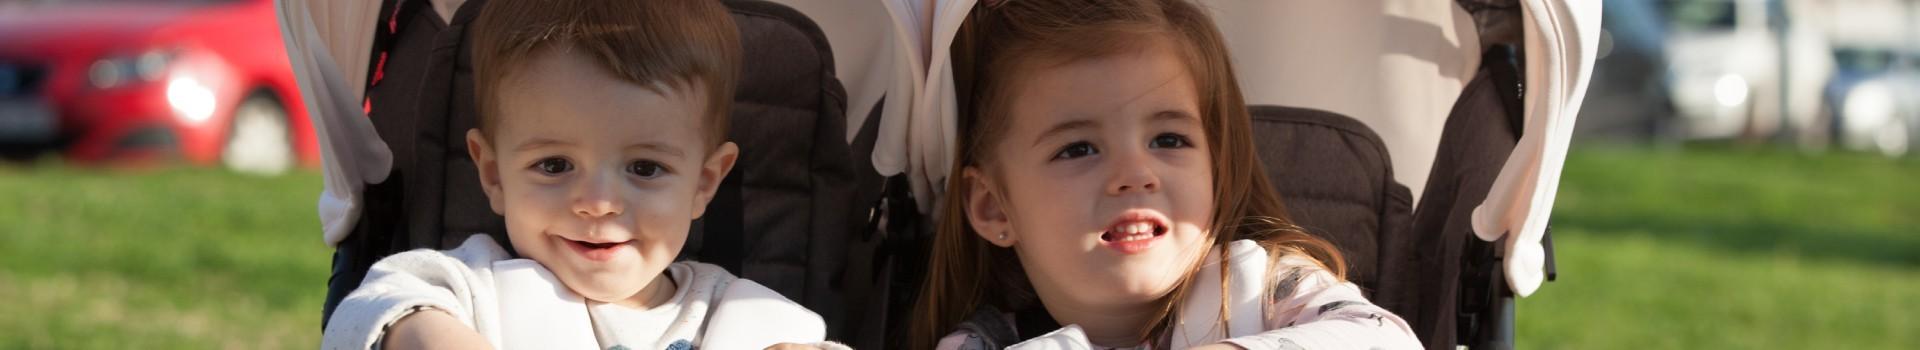 Accessori passeggino: riduttore, borsa e altro | Baby Monsters